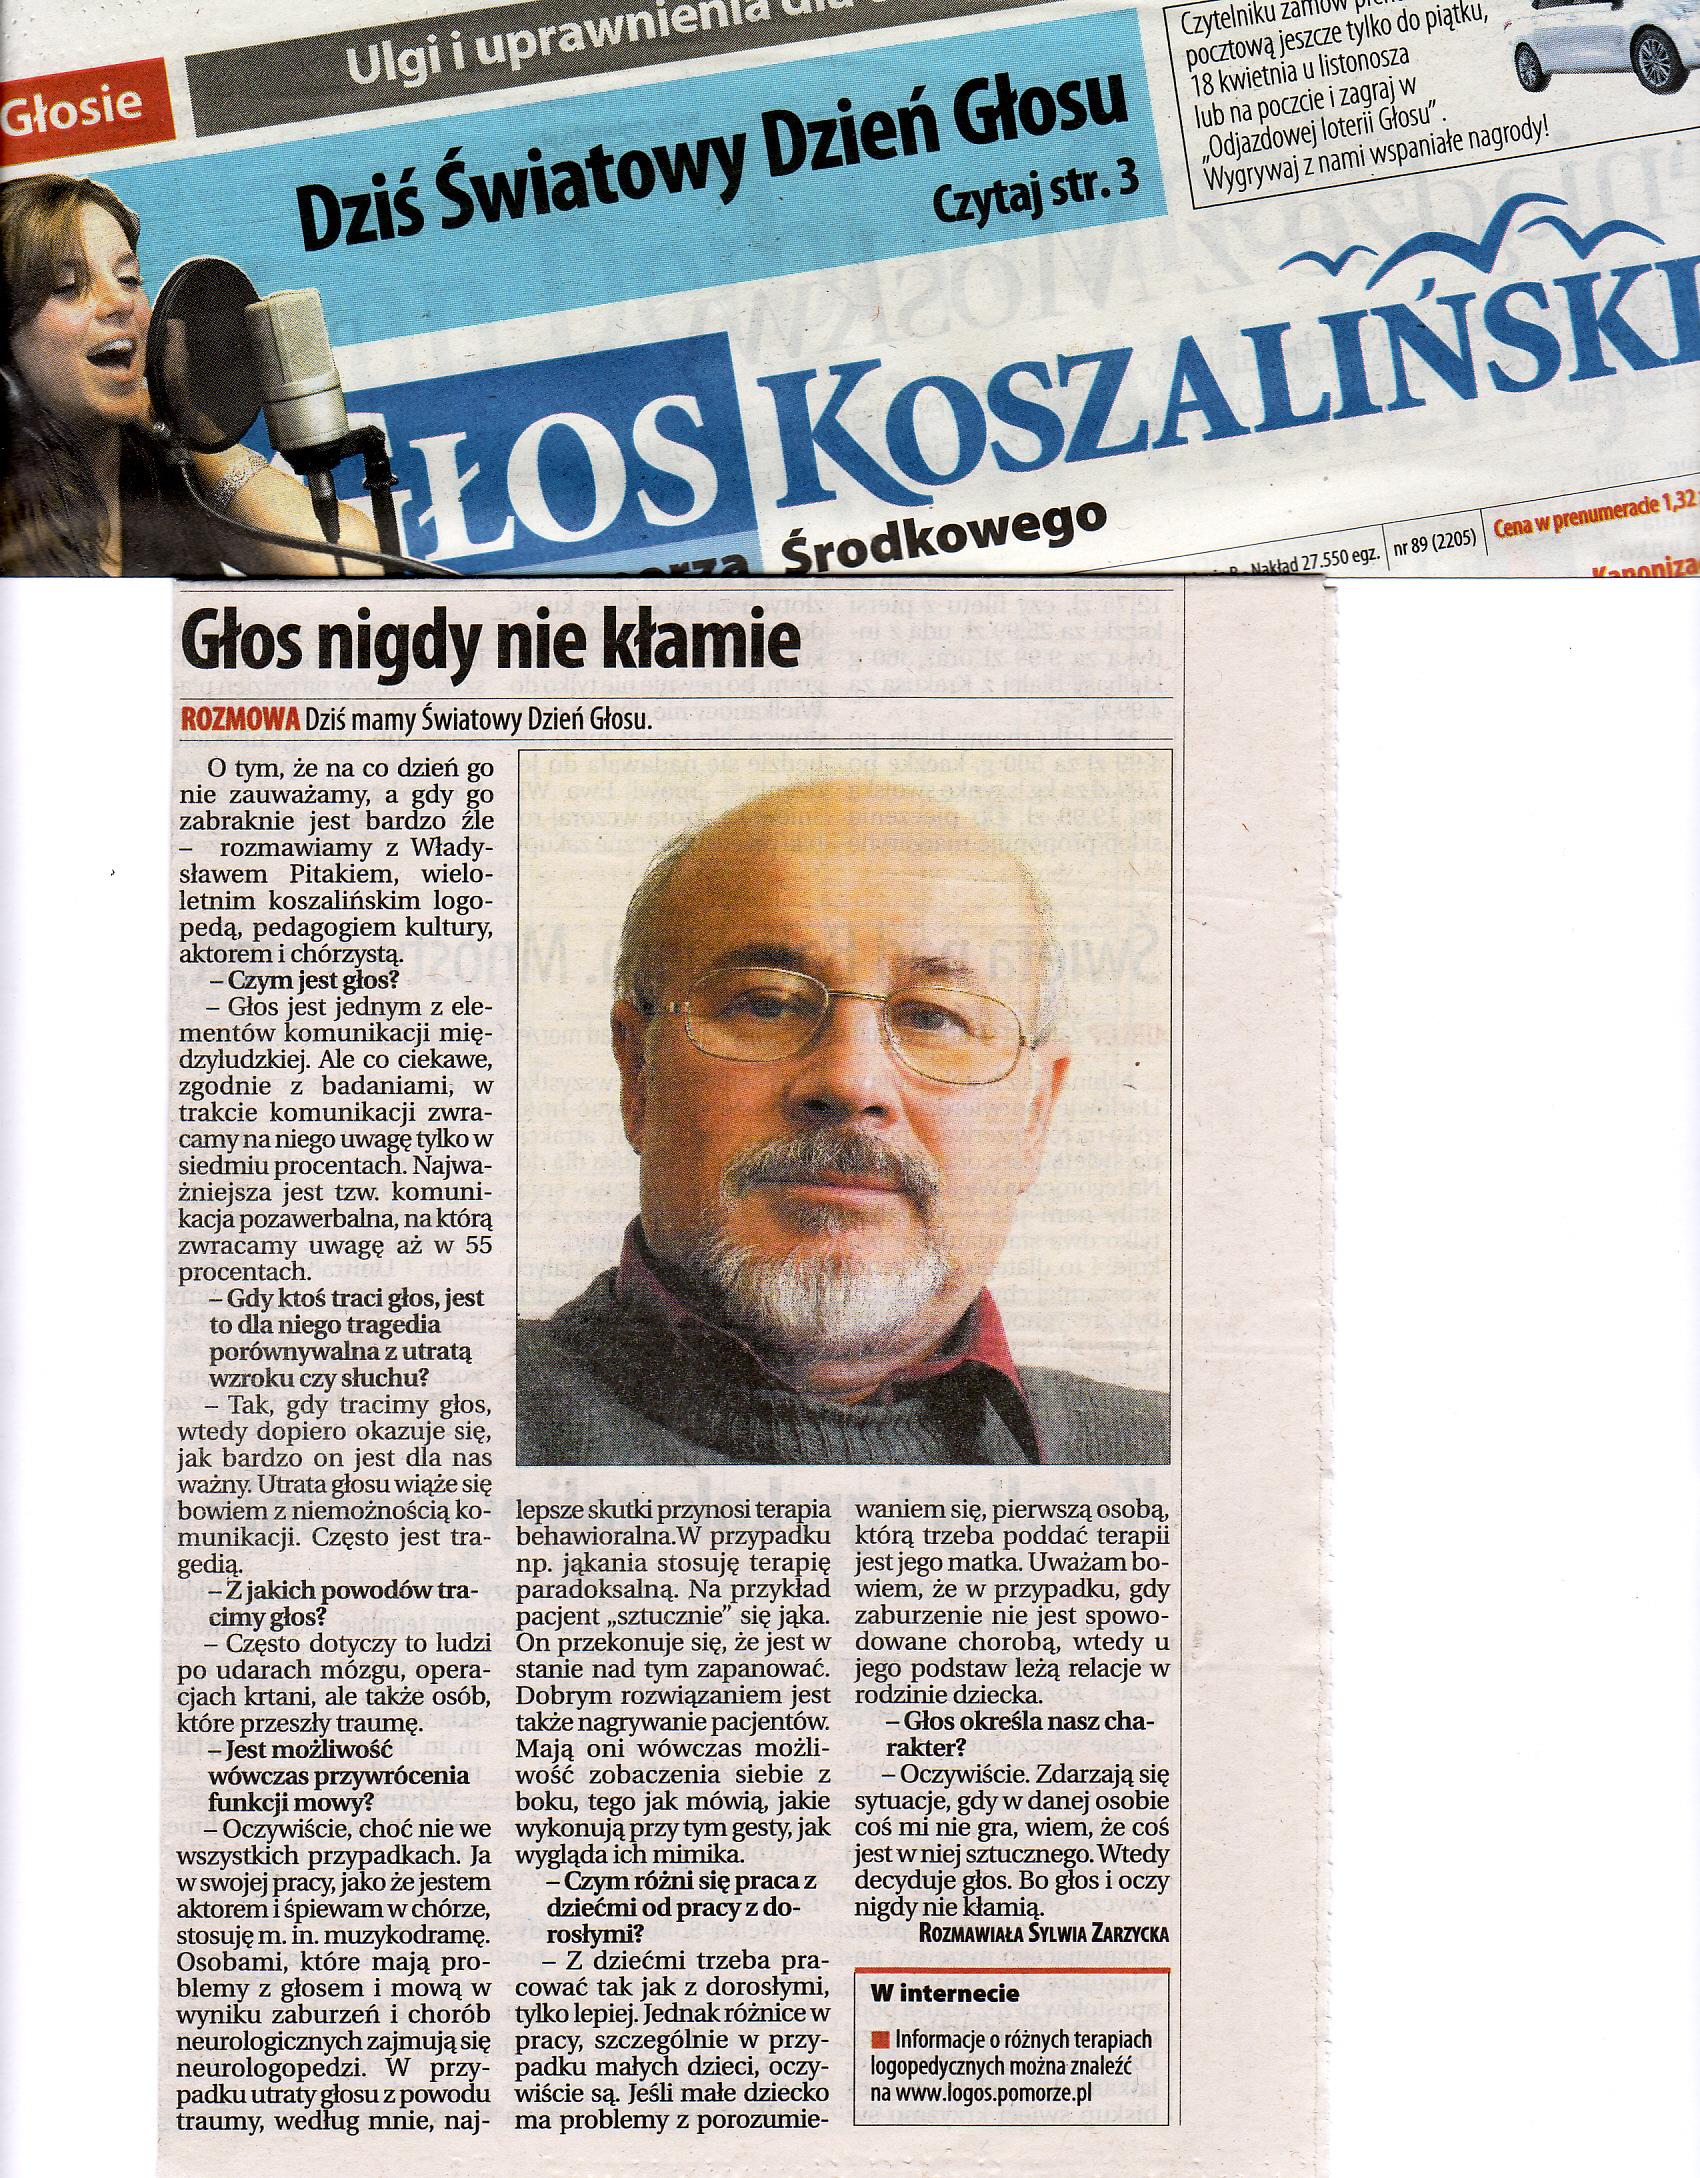 http://www.logos.pomorze.pl/pitak/vox1.jpg